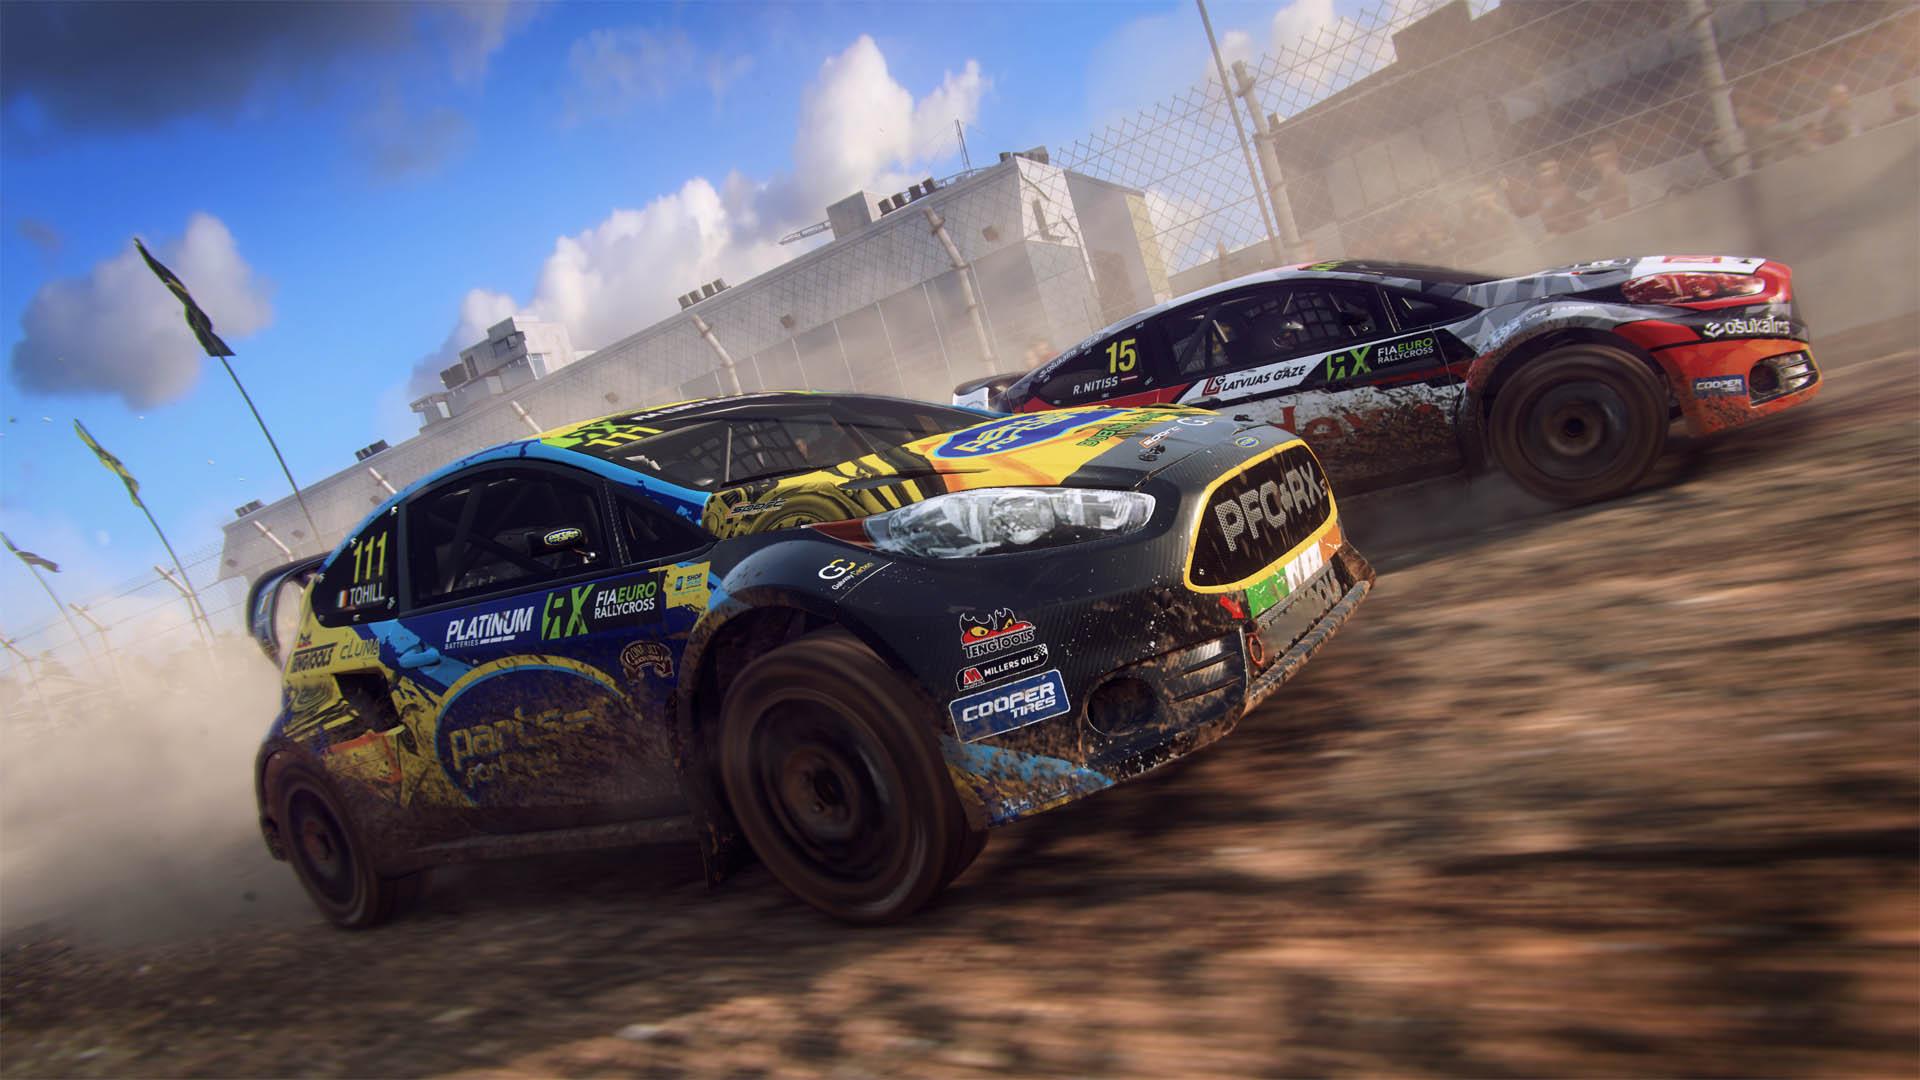 سیستم مورد نیاز DiRT Rally 2.0